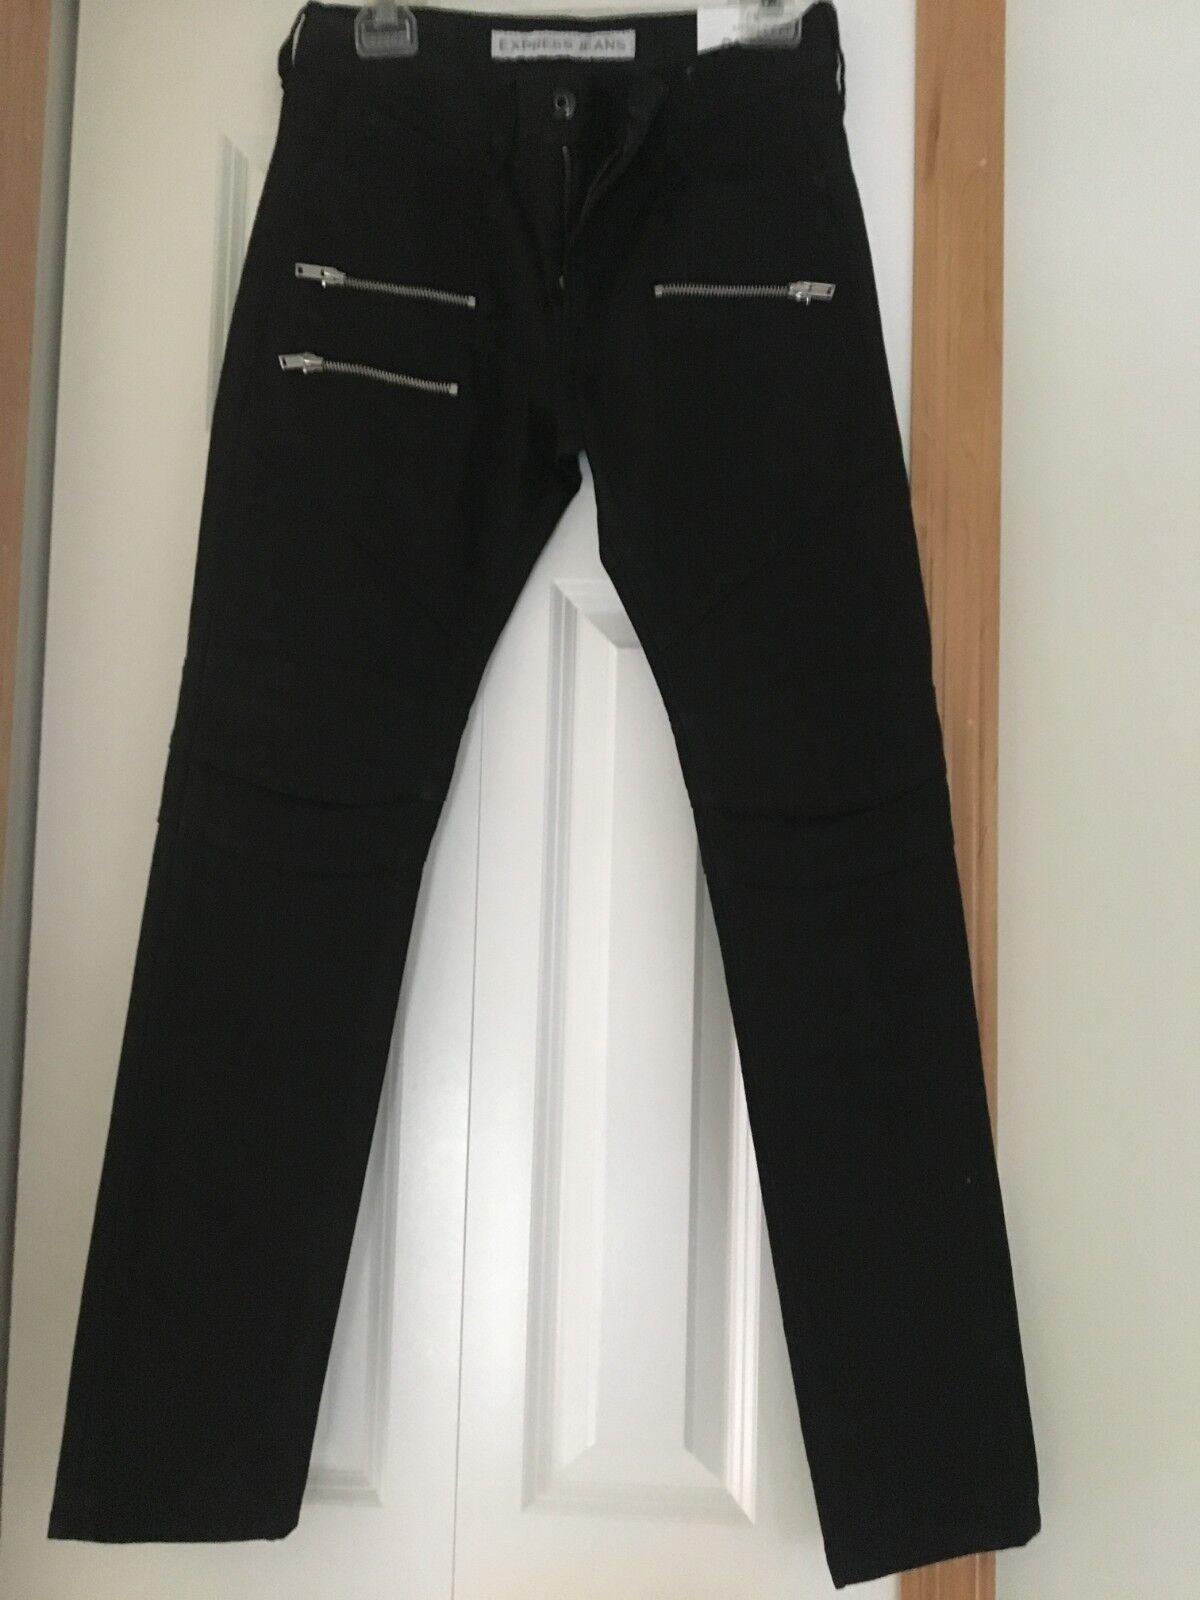 Men's Express Zippered Moto Jeans